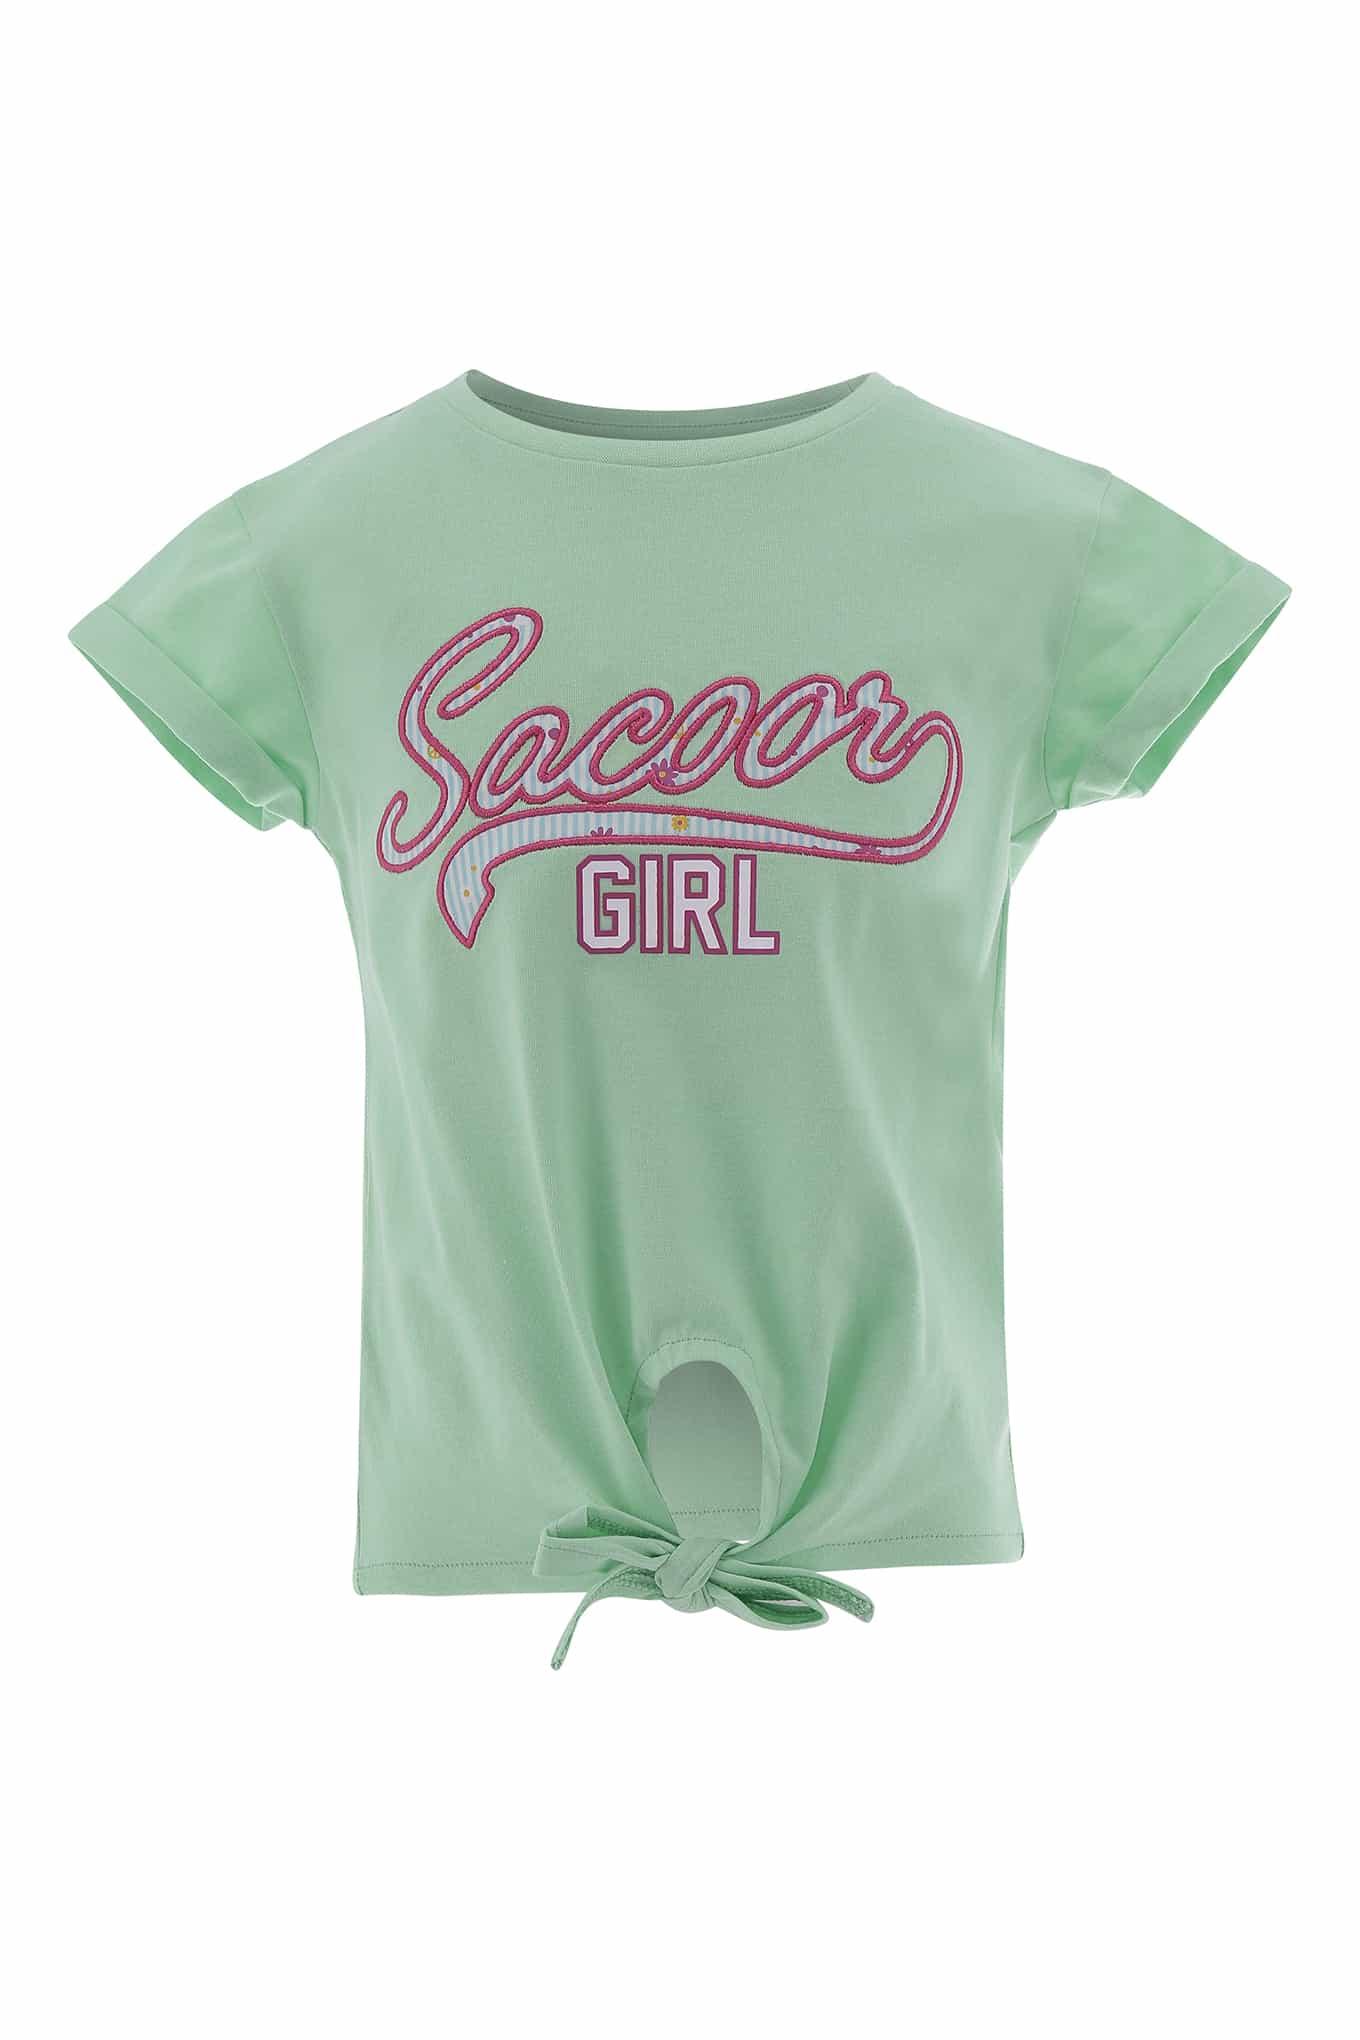 T-Shirt Mint Sport Girl